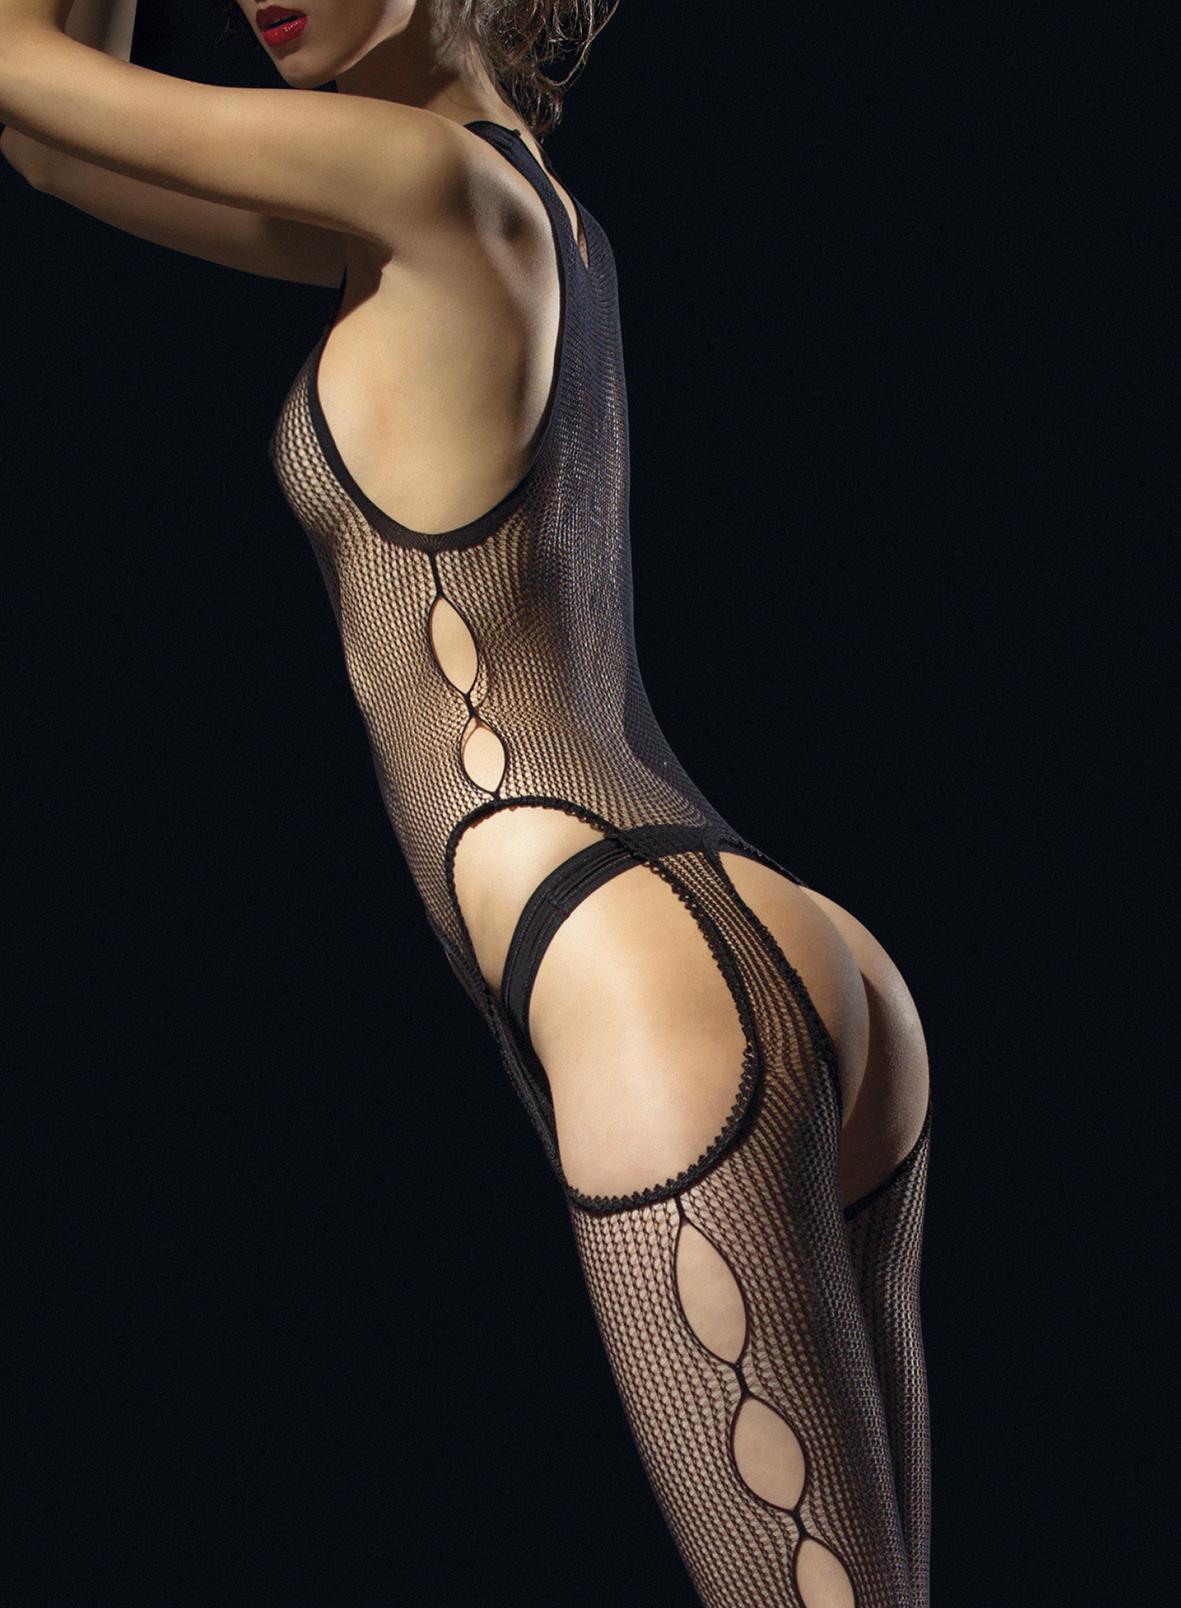 soo sexy strumpfband und strumpfe